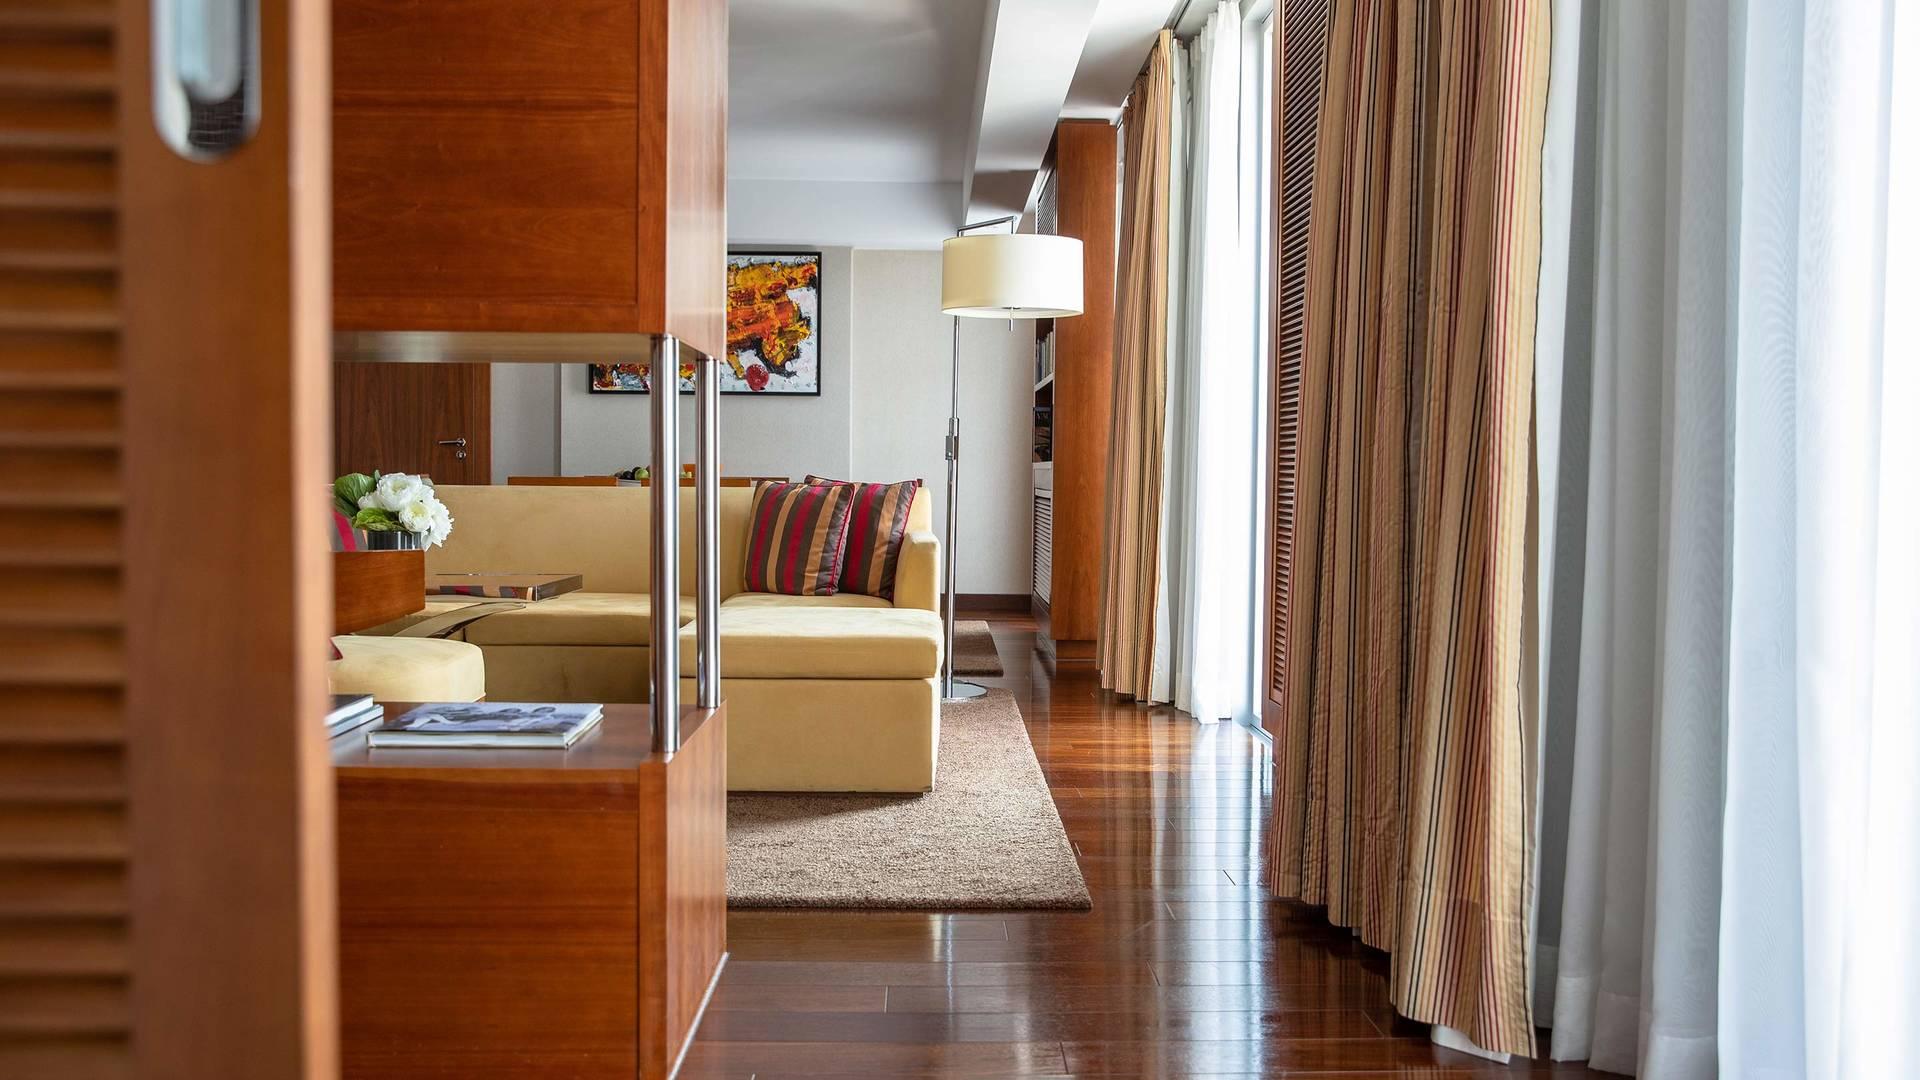 Jumeirah Frankfurt Senator suite livingroom 2_16-9